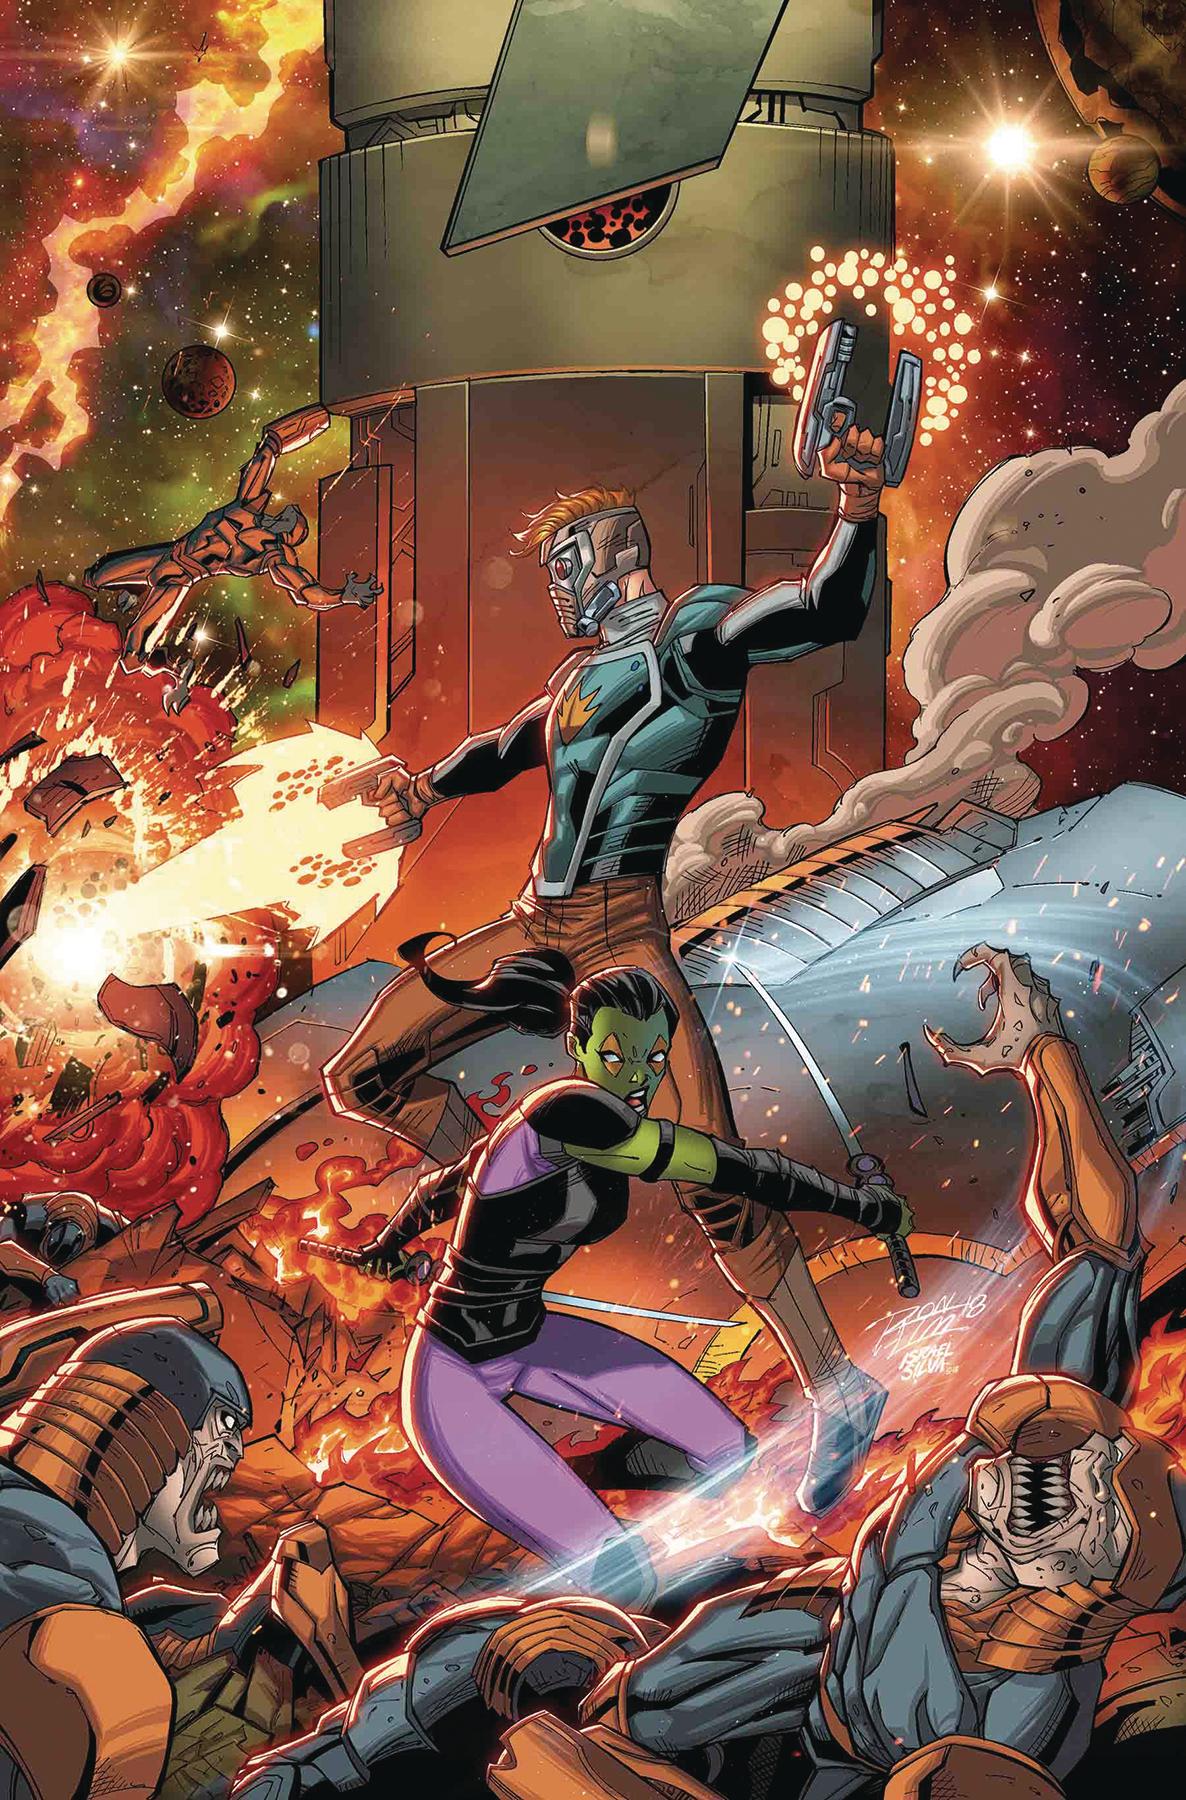 Capa de Infinity Wars #3 pelo lendário Rom Lim!